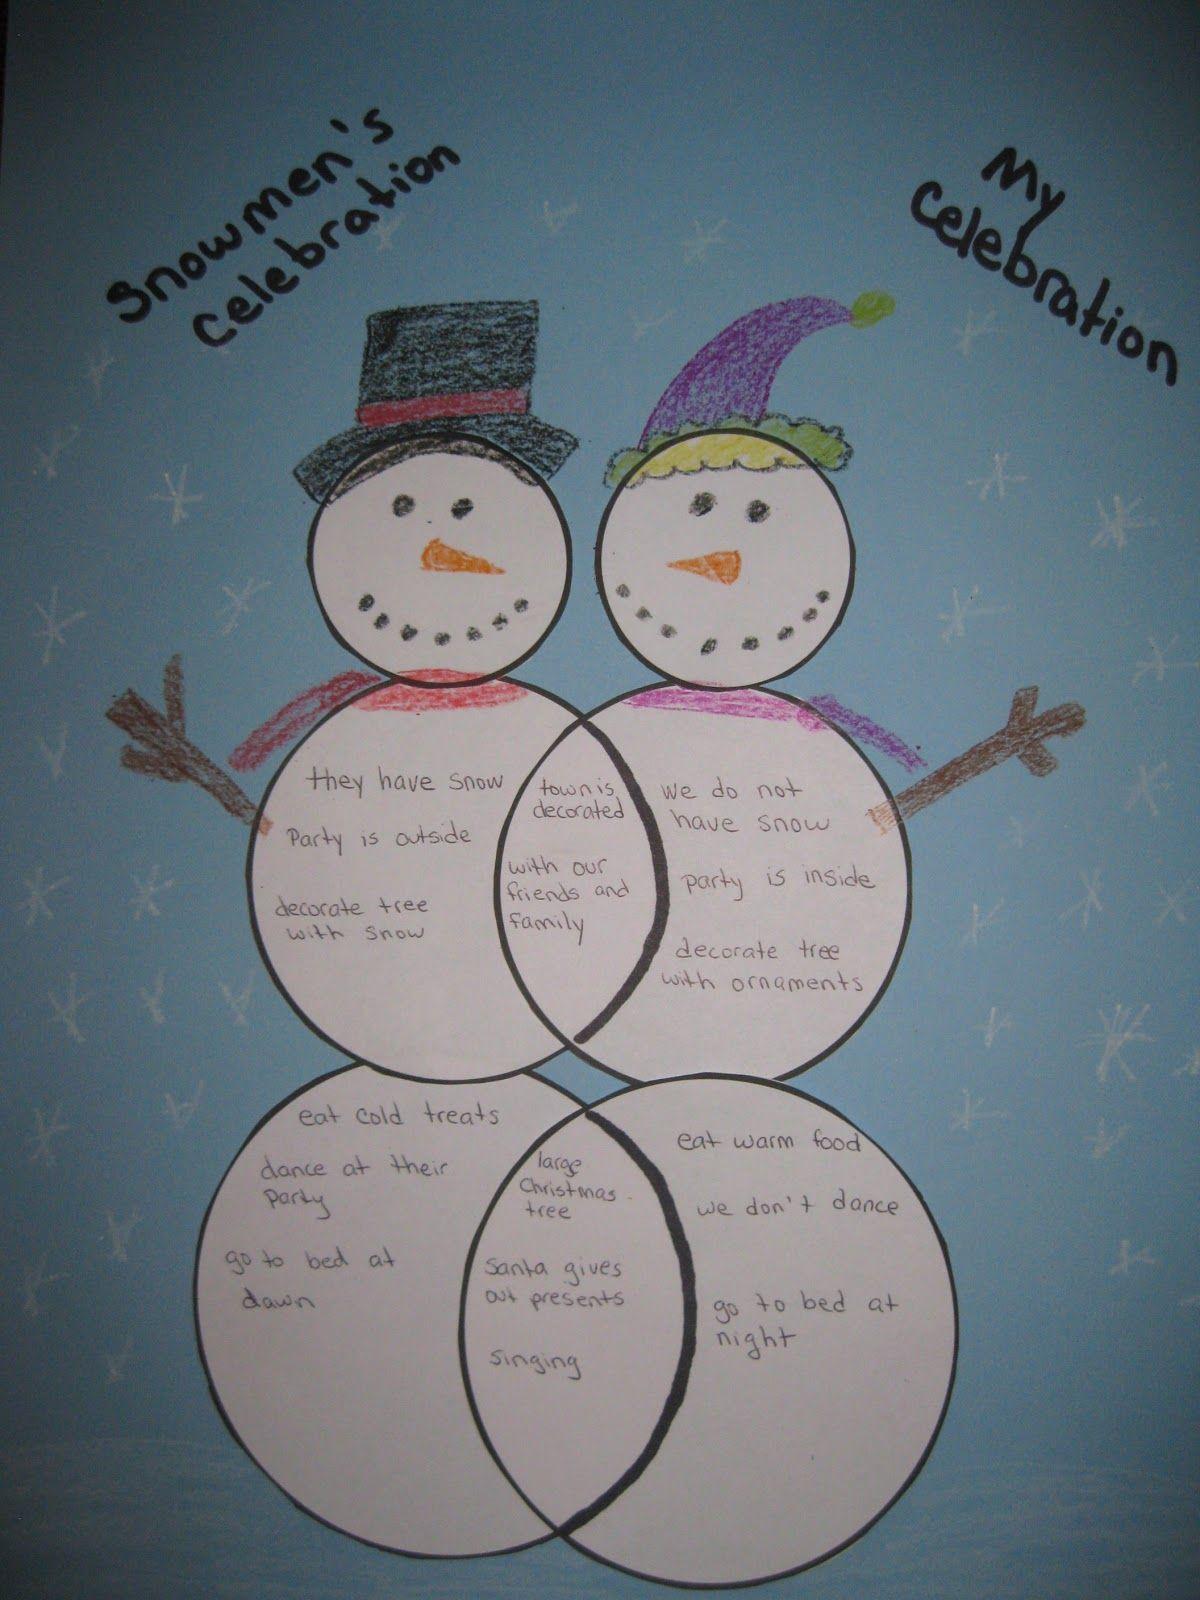 Snowman venn diagrams teaching ideas pinterest school snowman venn diagrams ccuart Image collections